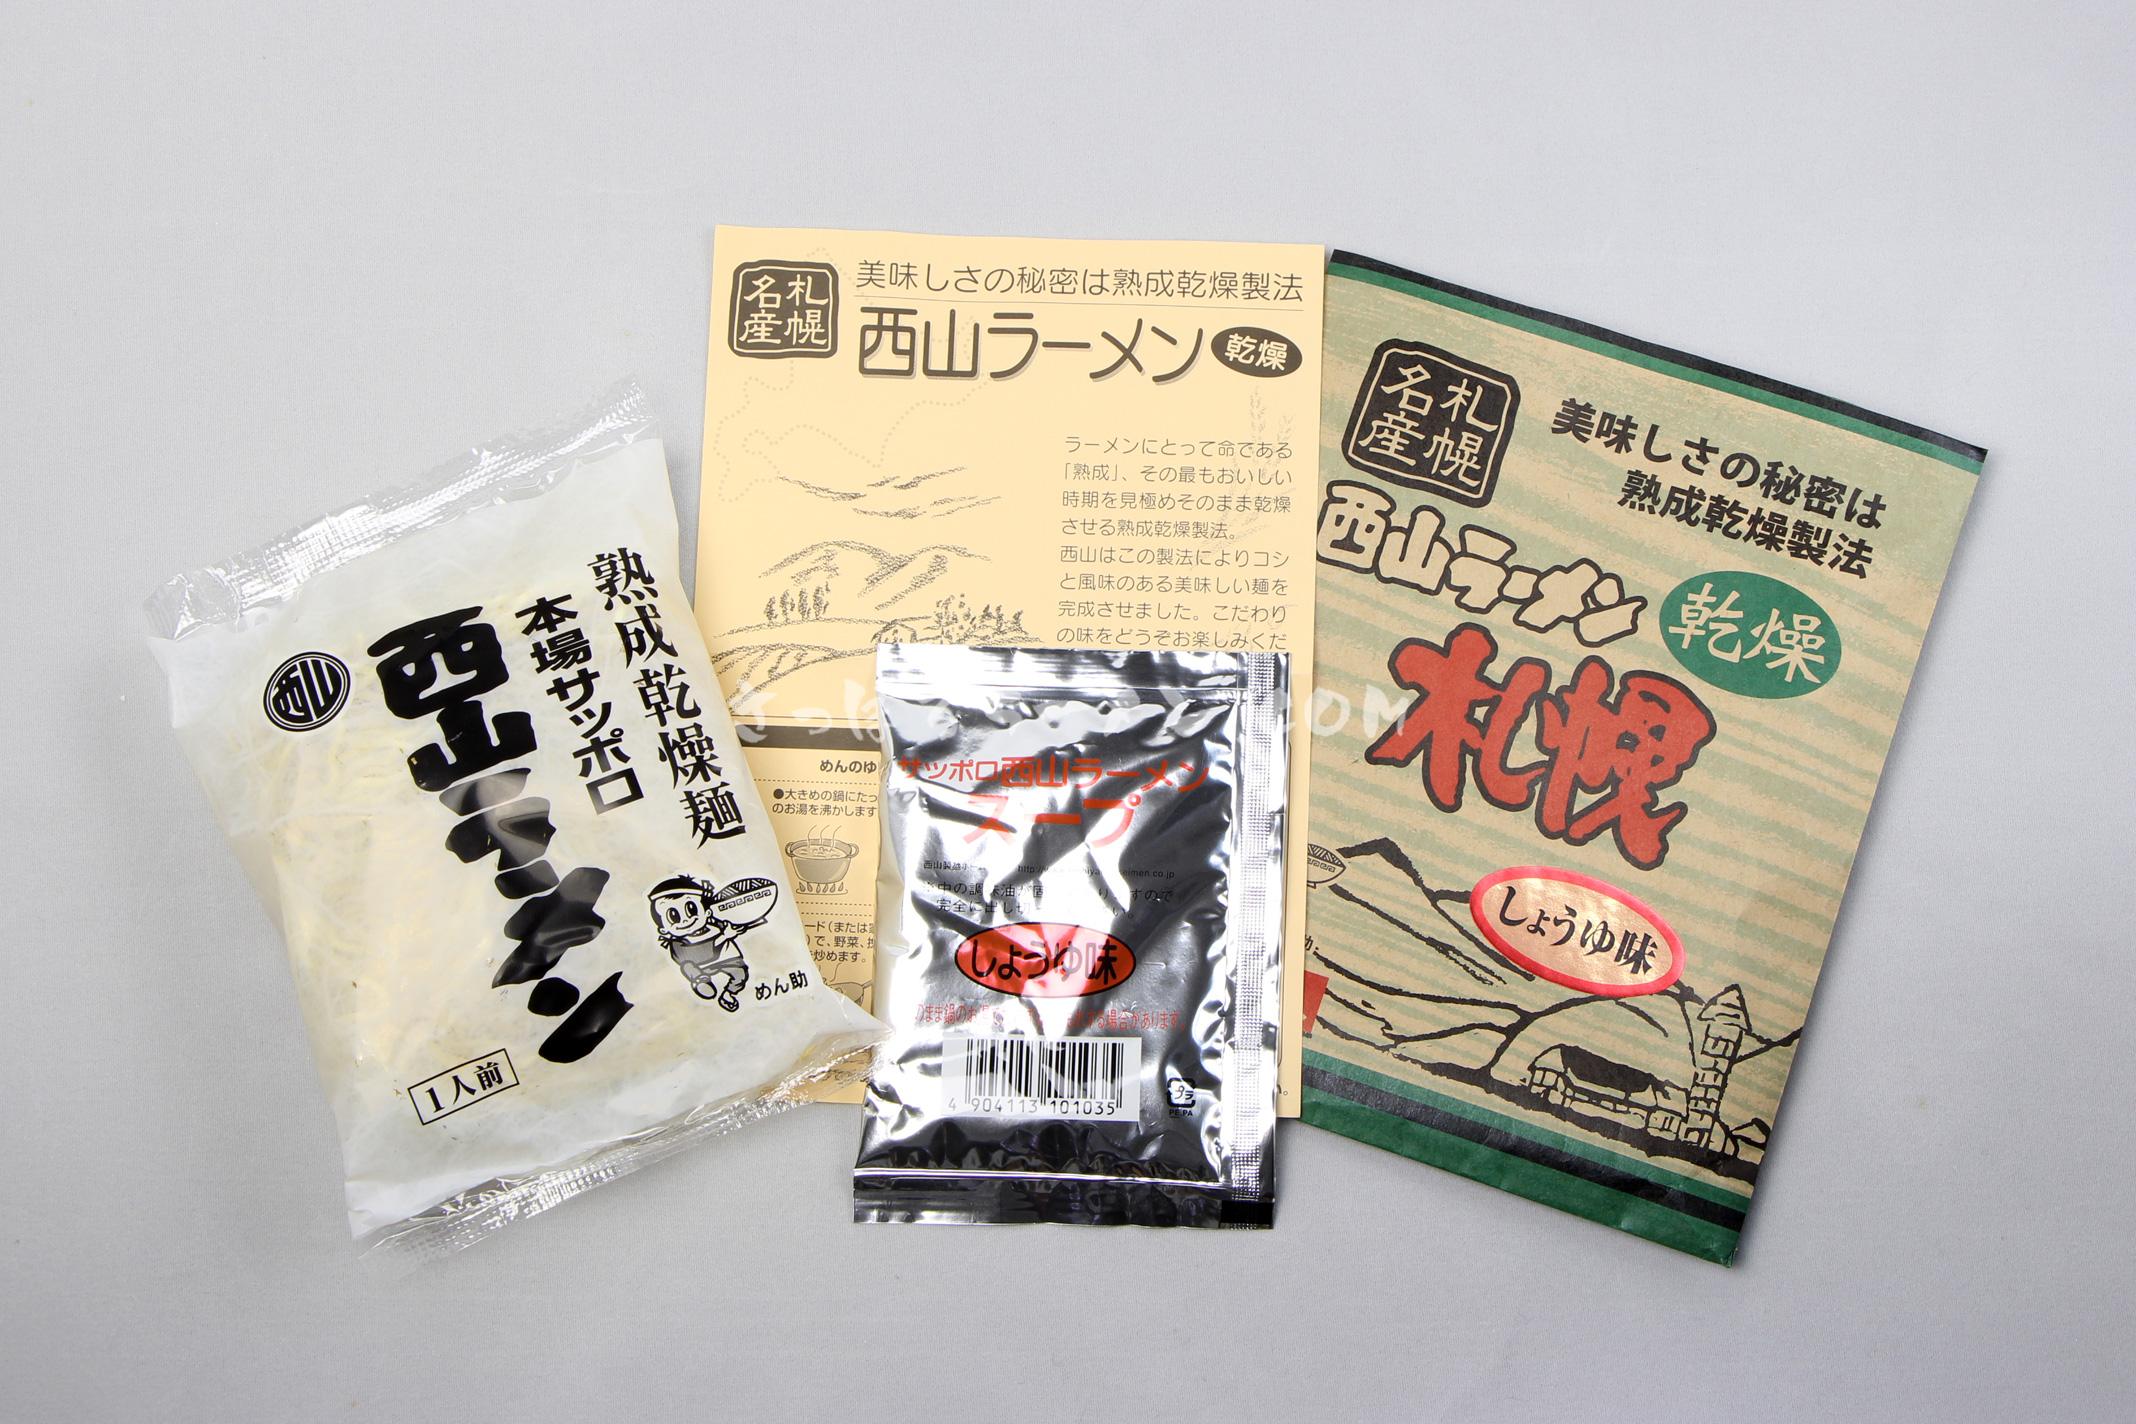 「札幌名産 西山ラーメン 乾燥 札幌 しょうゆ味(1食入)」(西山製麺)の麺とスープ